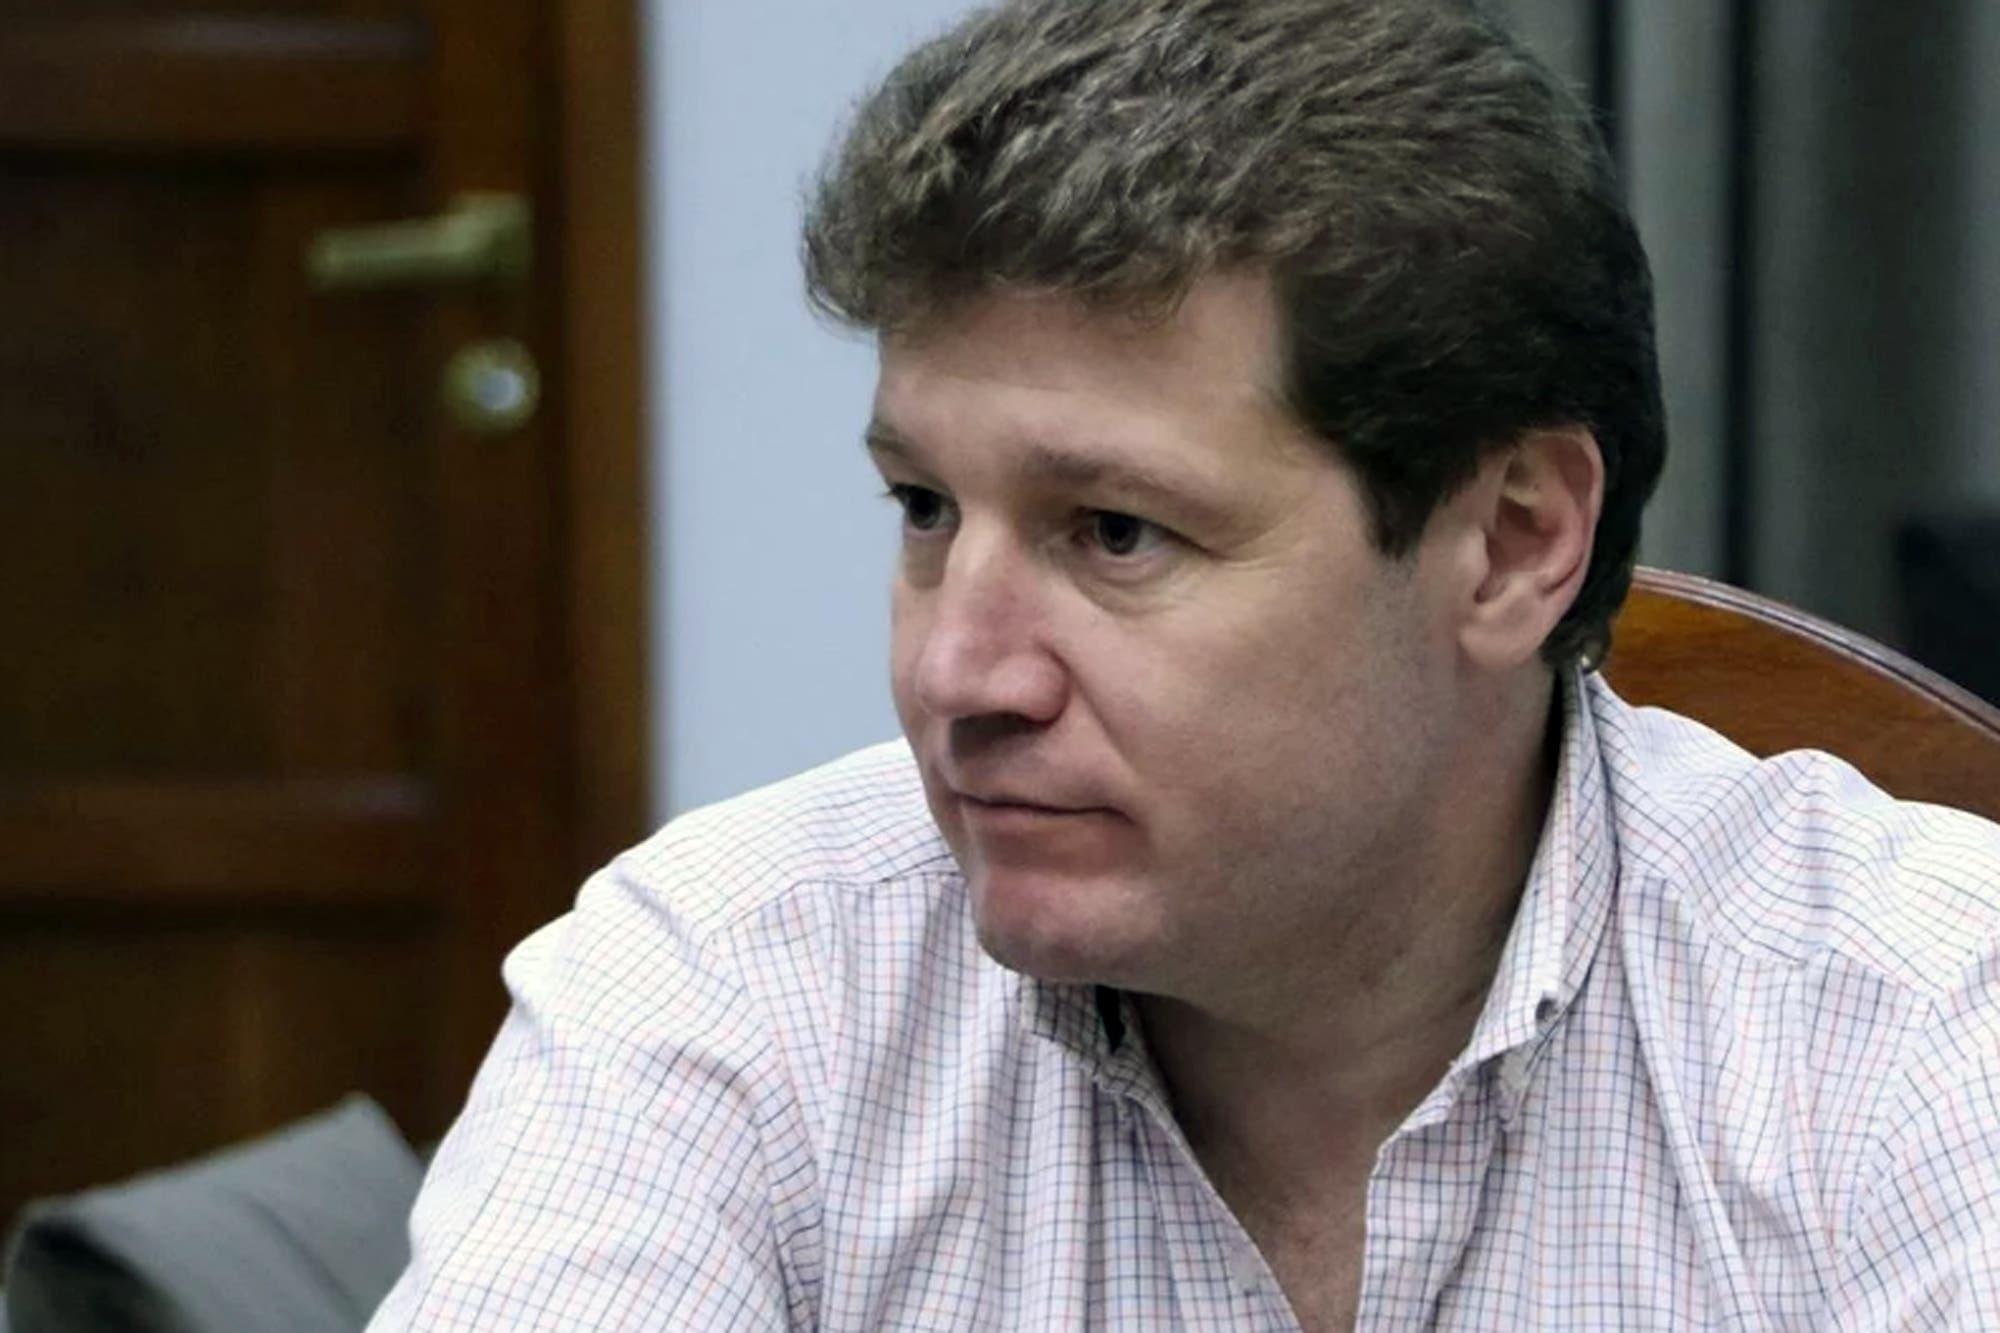 Albañiles Gay el gobernador electo de tierra del fuego reveló que es gay